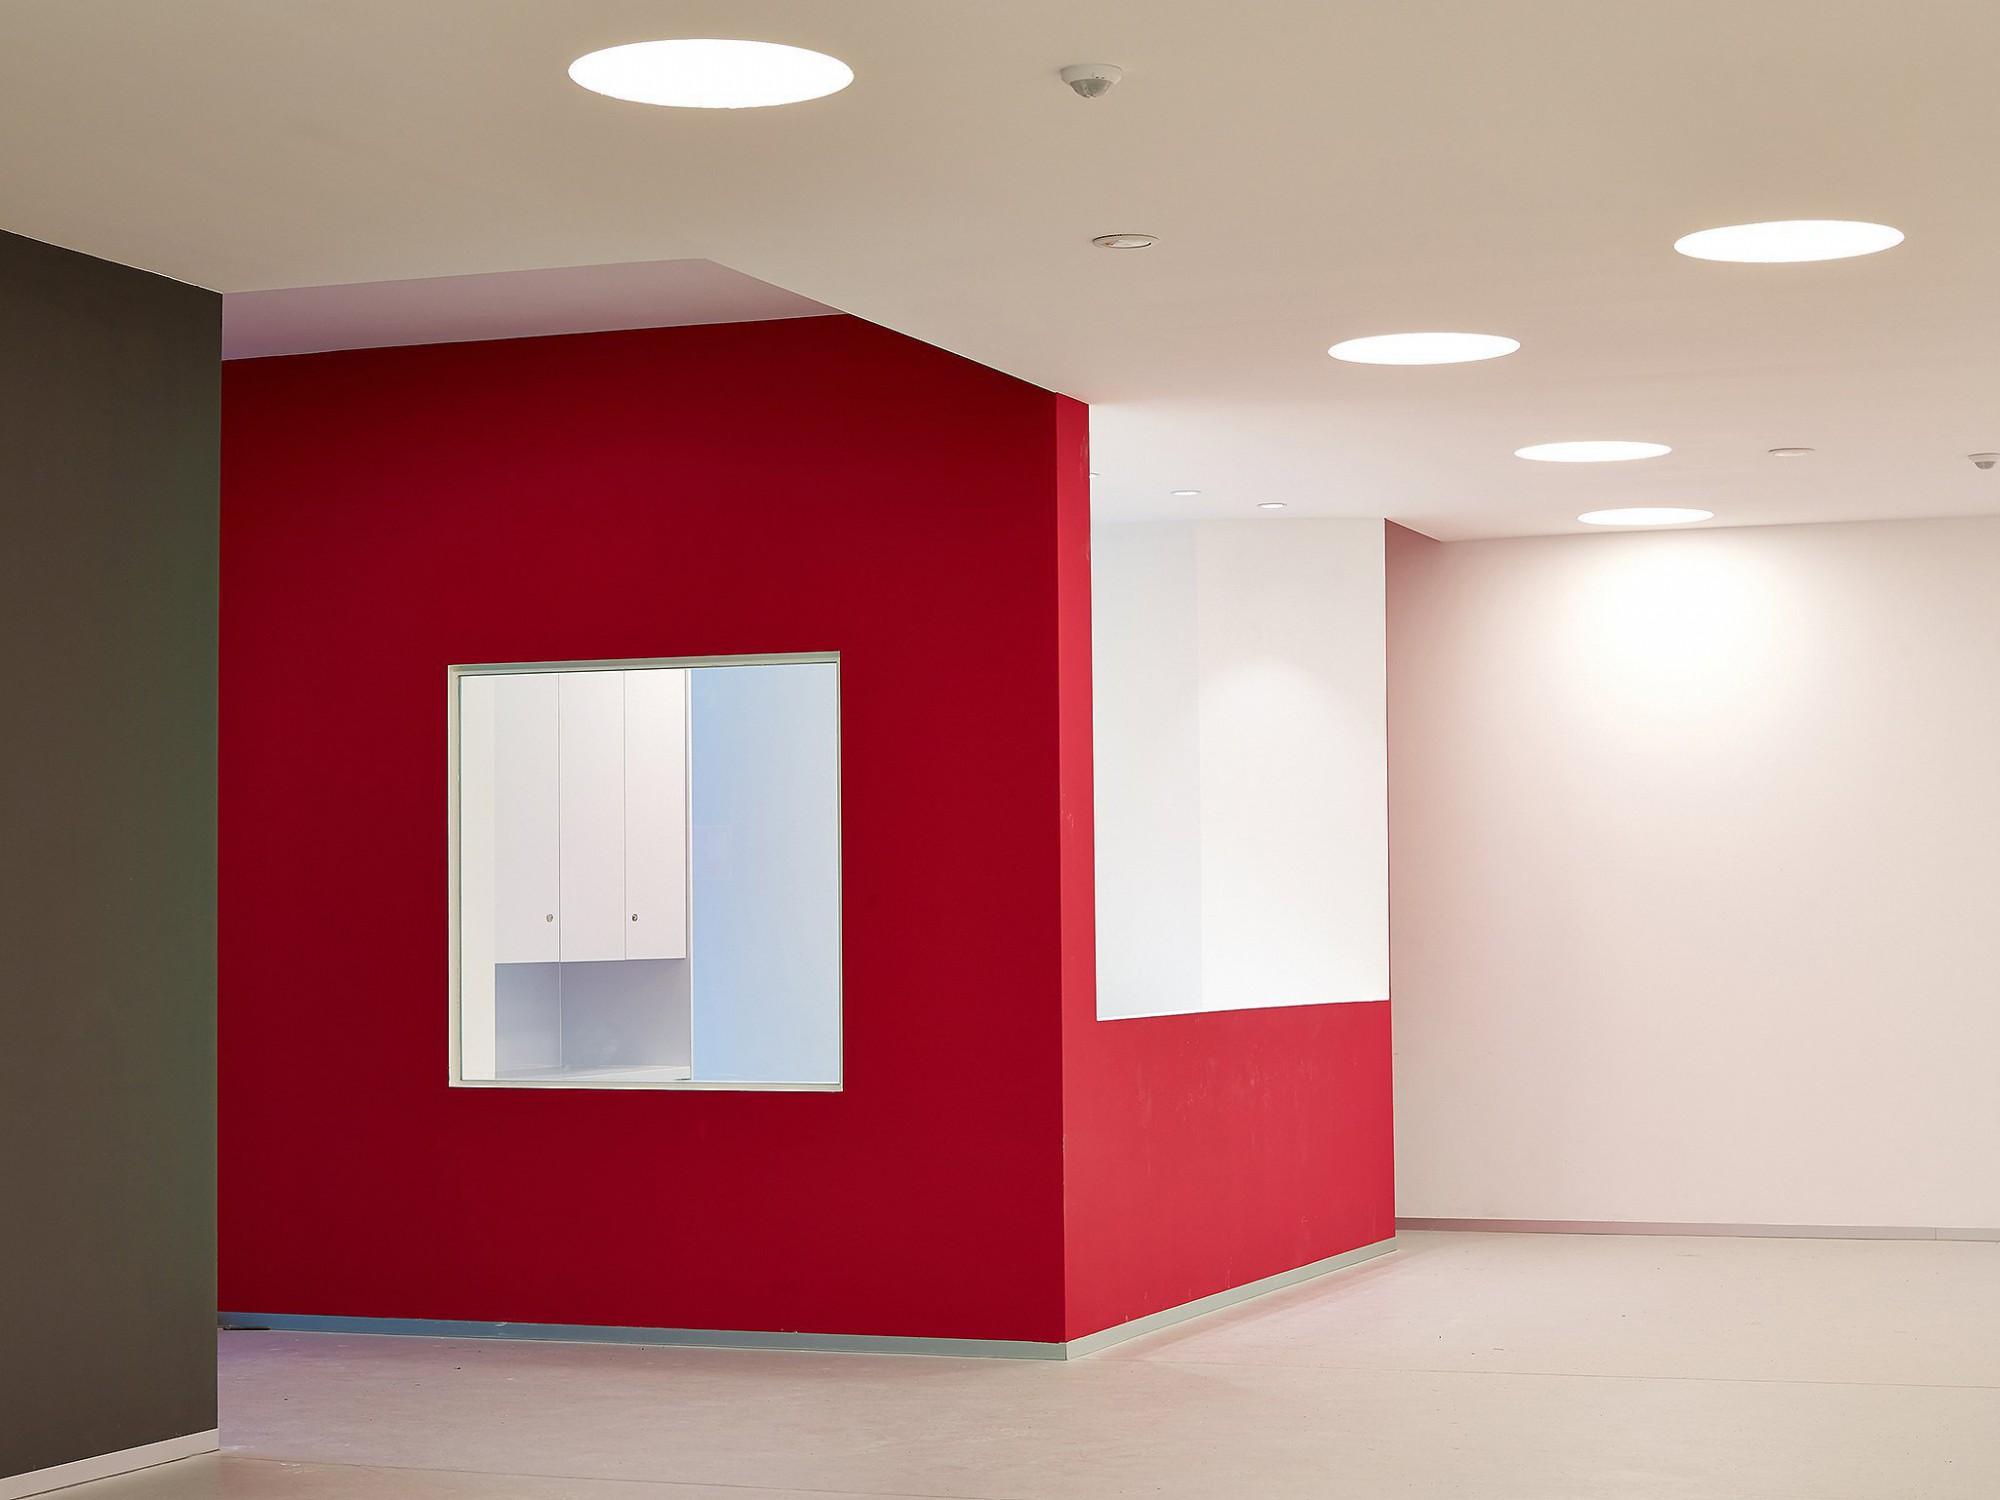 Afbeelding: Locatie fotografie meubelen, foto Van Huffel.